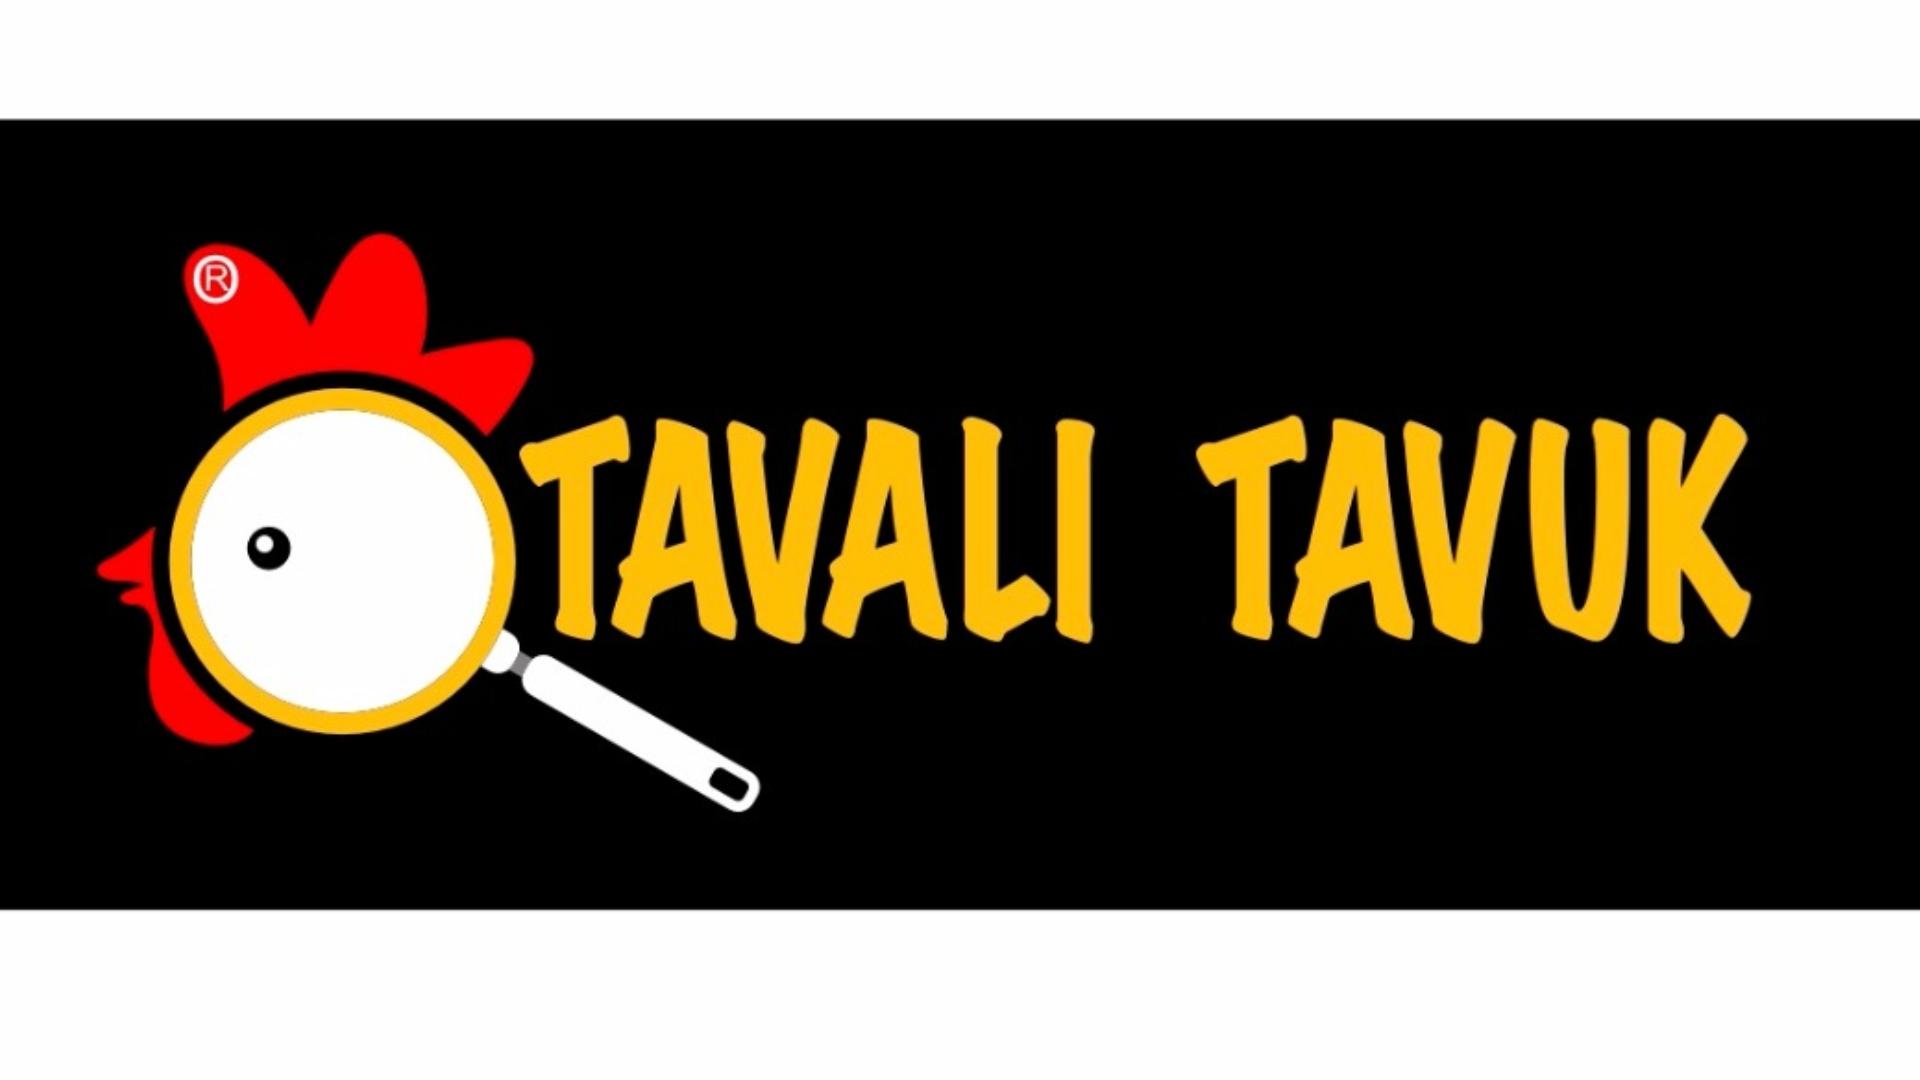 TAVALI TAVUK